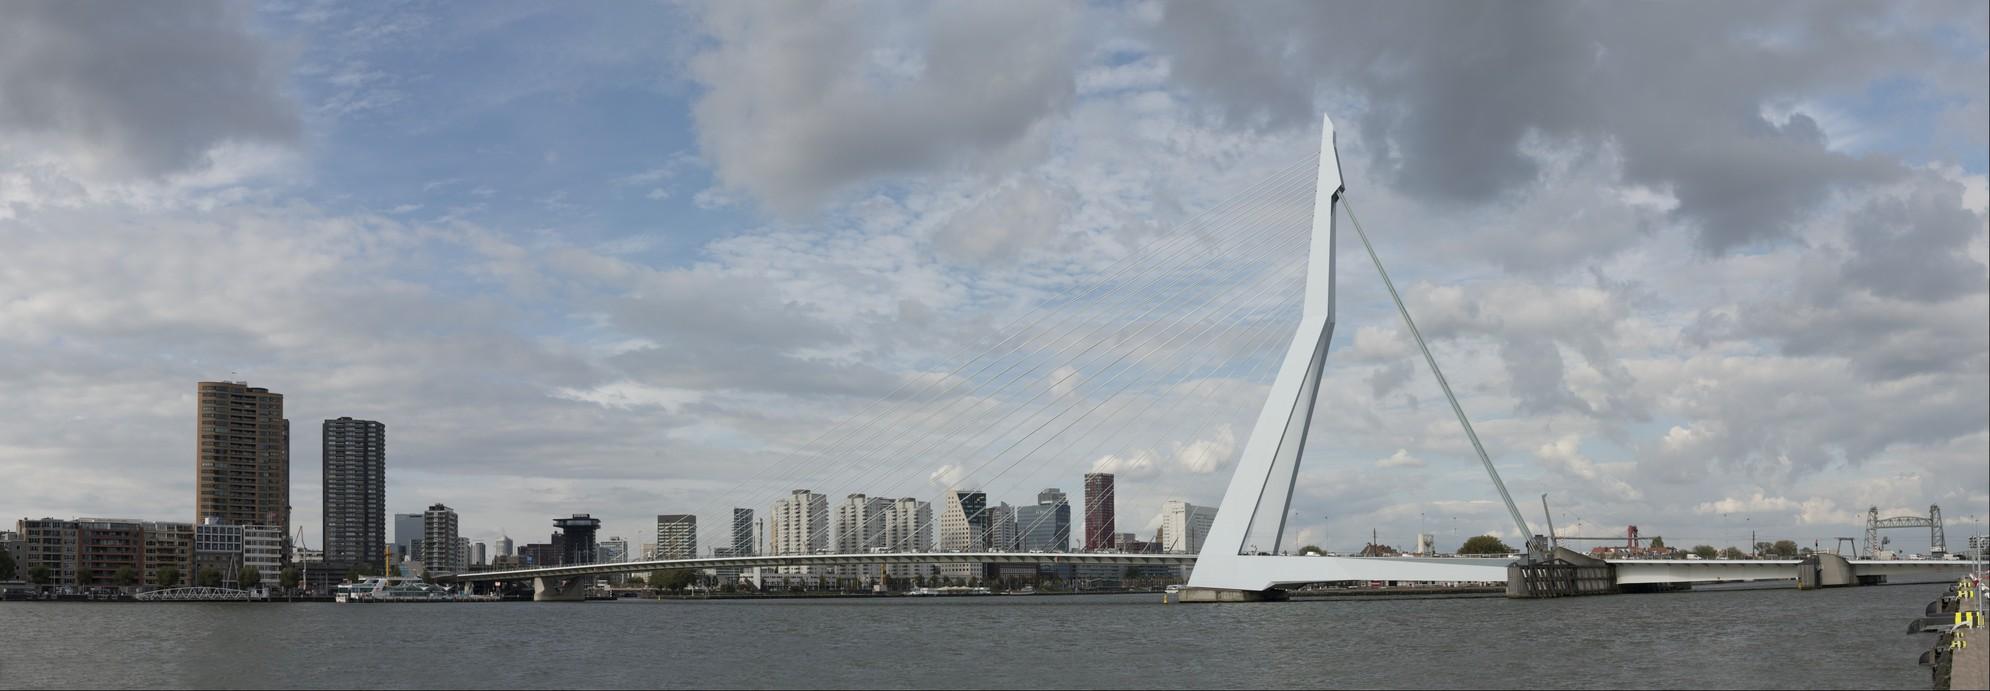 View on the Erasmus bridge in Rotterdam city center